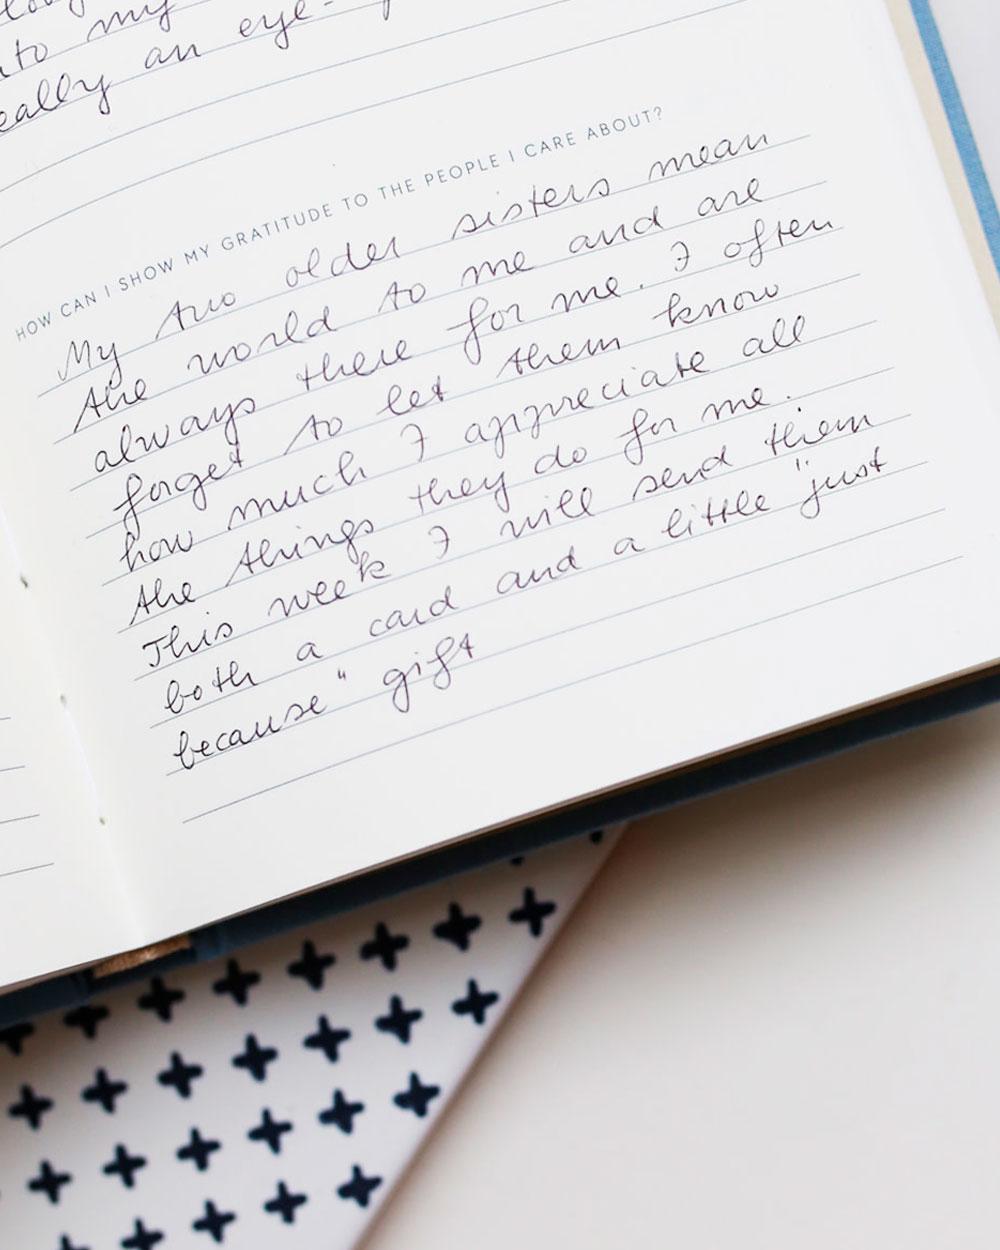 Gratitude päiväkirjan lähikuva